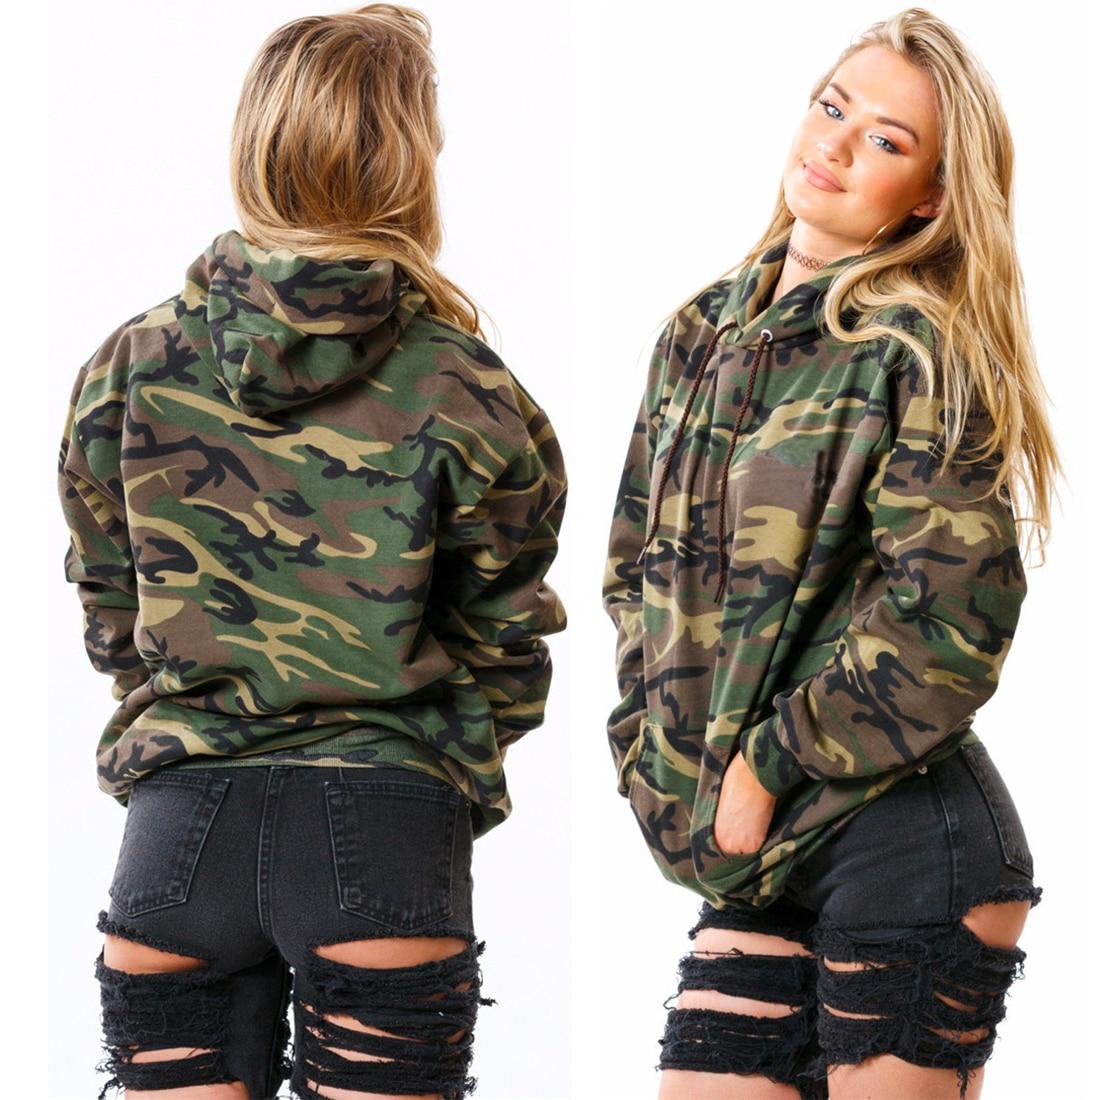 New hoodie Sweatshirt Women Long Sleeve Tops Hoodies Army Green Camouflage  Tops Jumpers Pullovers Women Fashion-in Hoodies   Sweatshirts from Women s  ... 65bdb12375